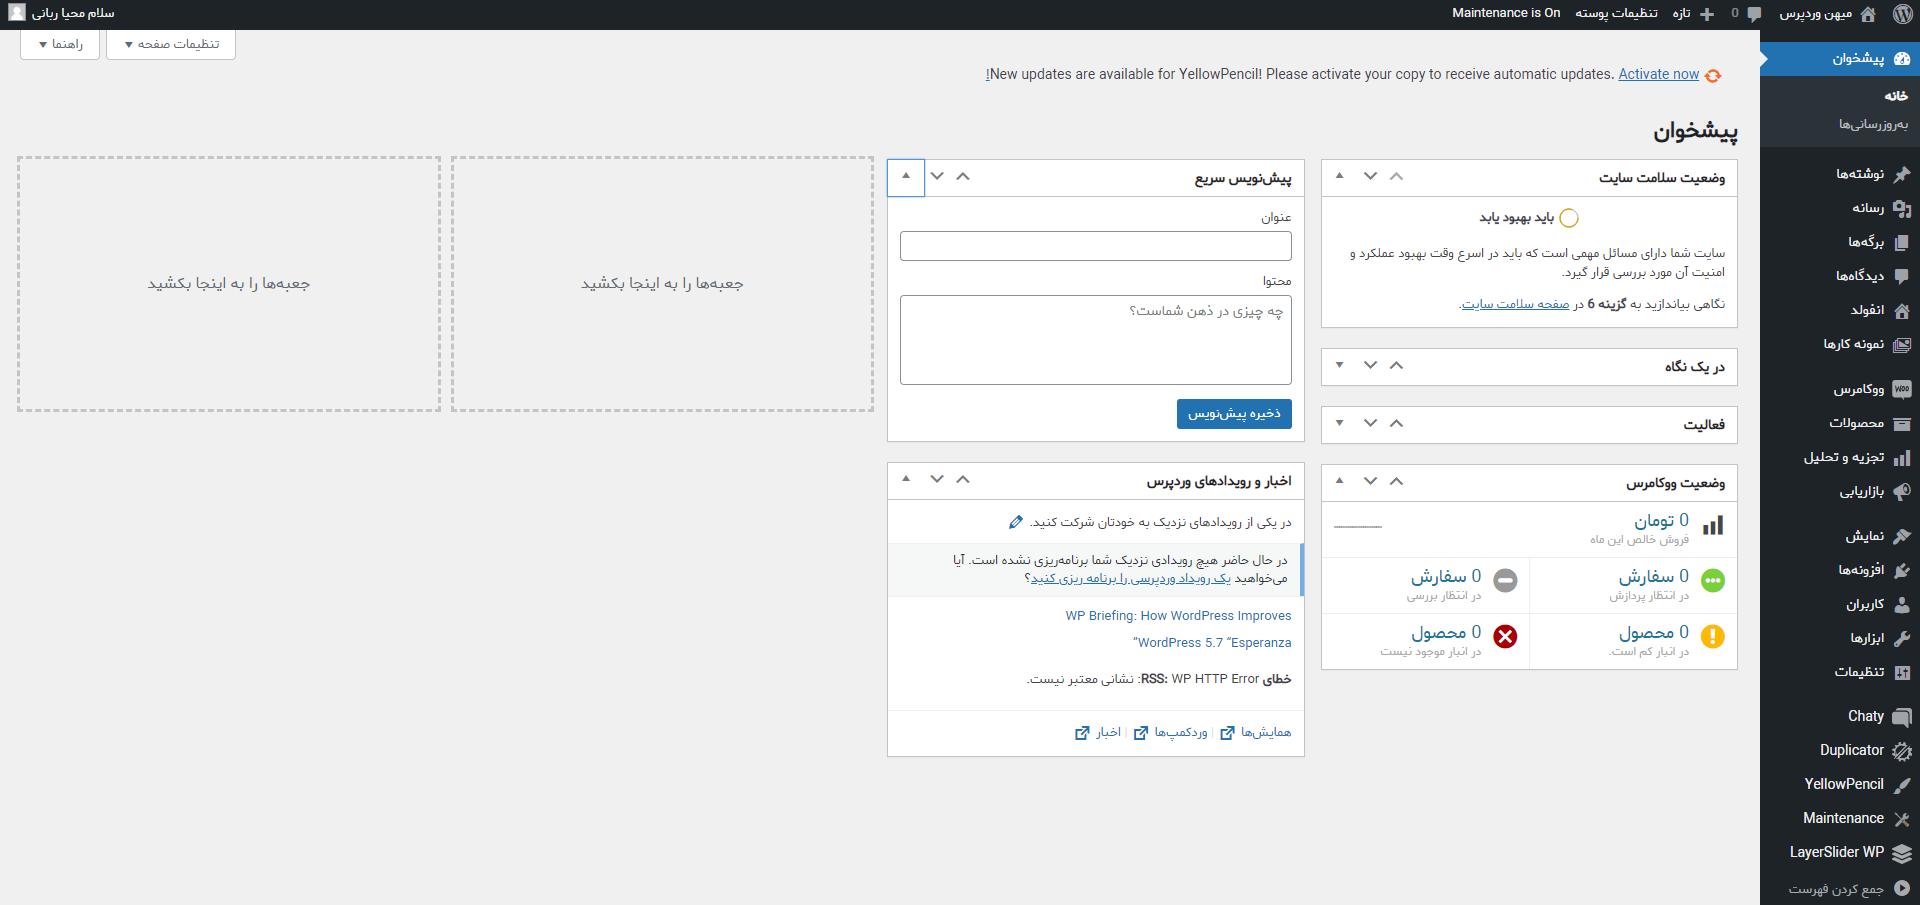 افزودن لینک دلخواه با استفاده از قسمت نمایش وردپرس- میهن وردپرس